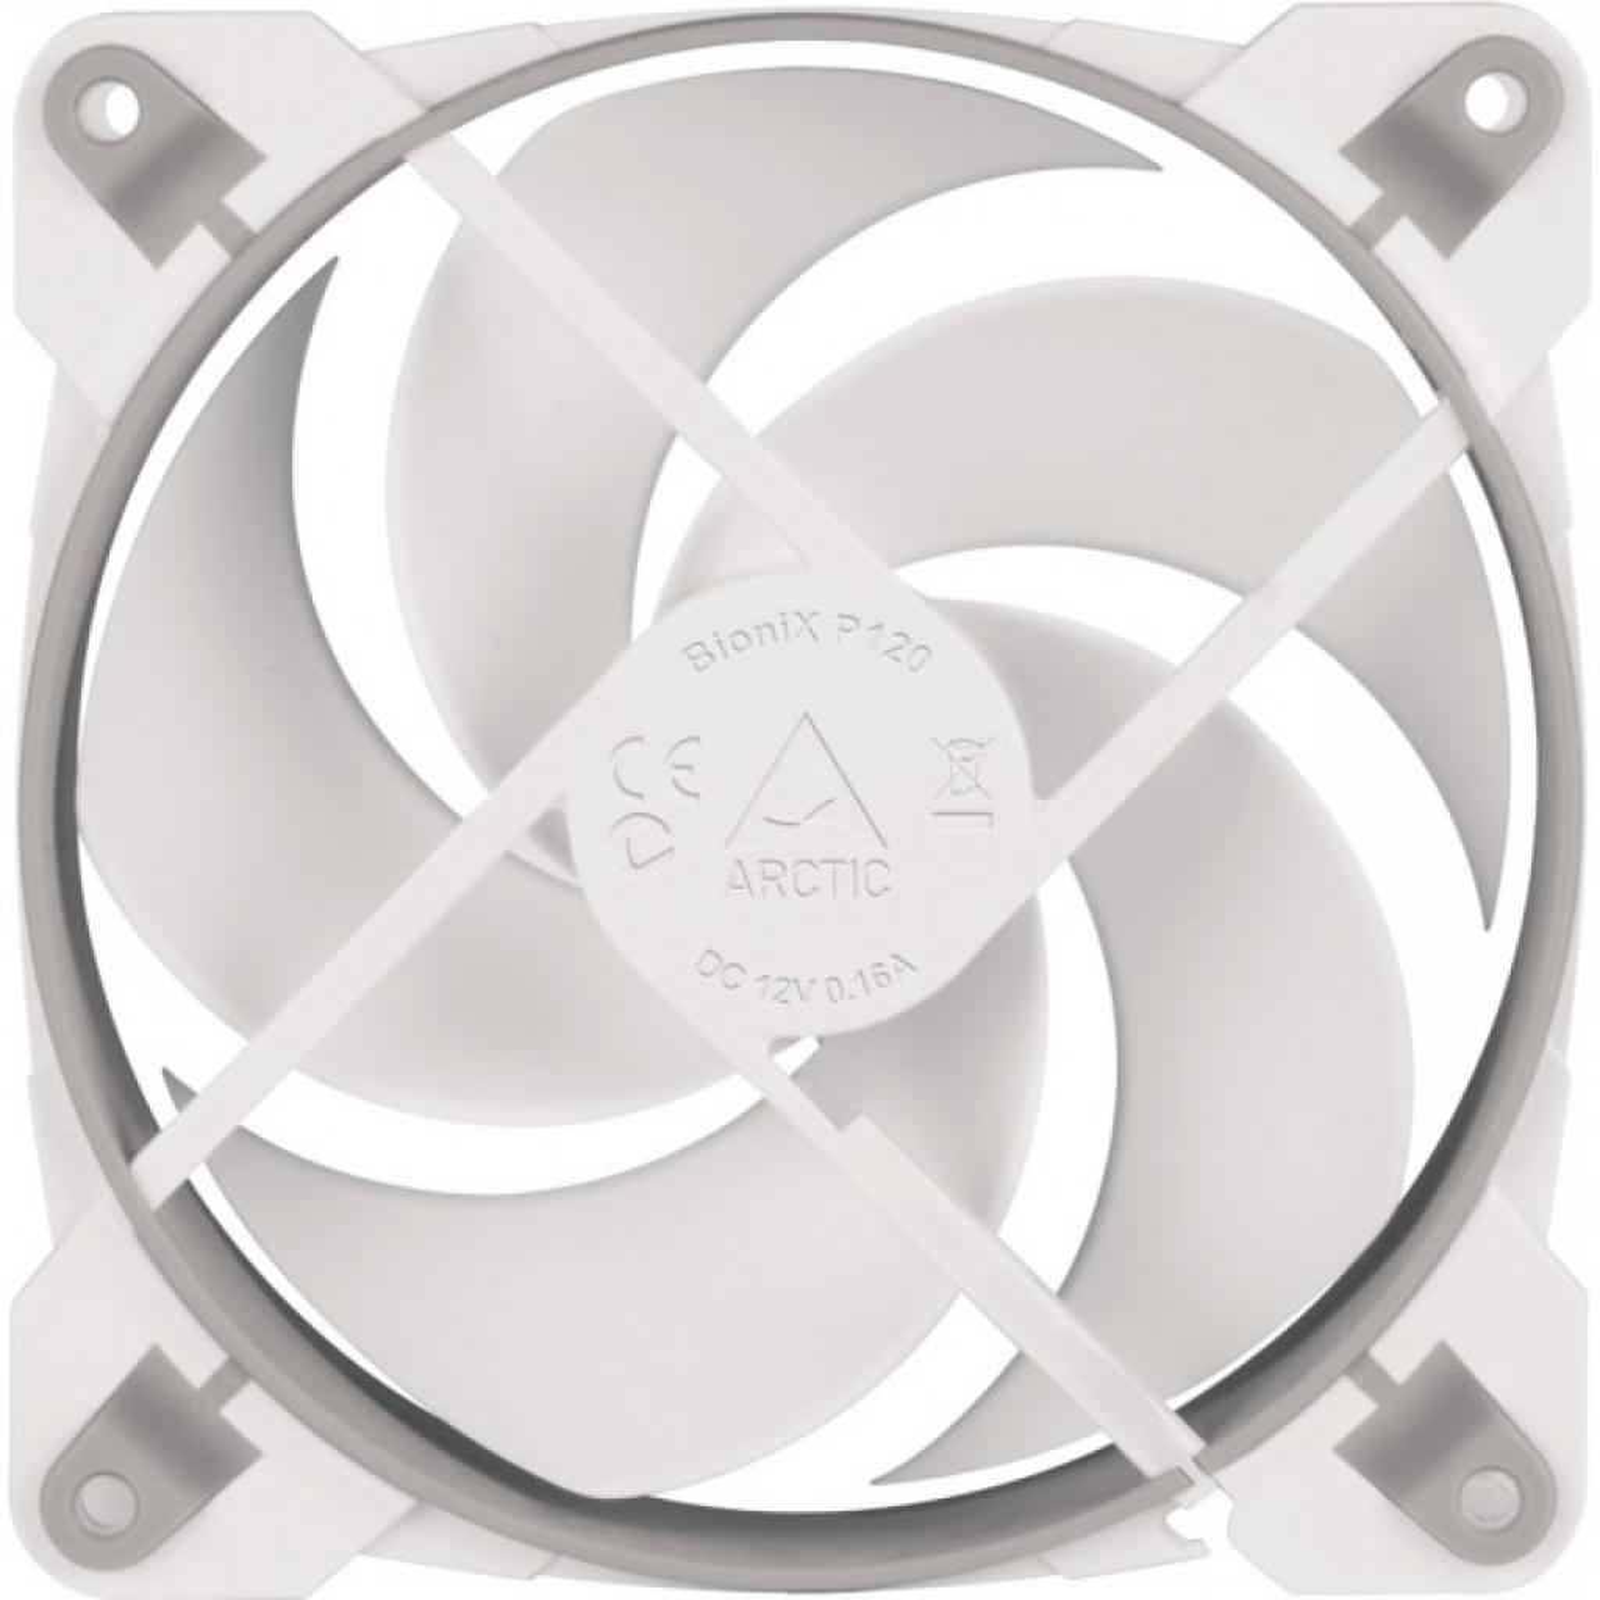 Кулер для корпуса Arctic BioniX P120 White (ACFAN00116A) изображение 2